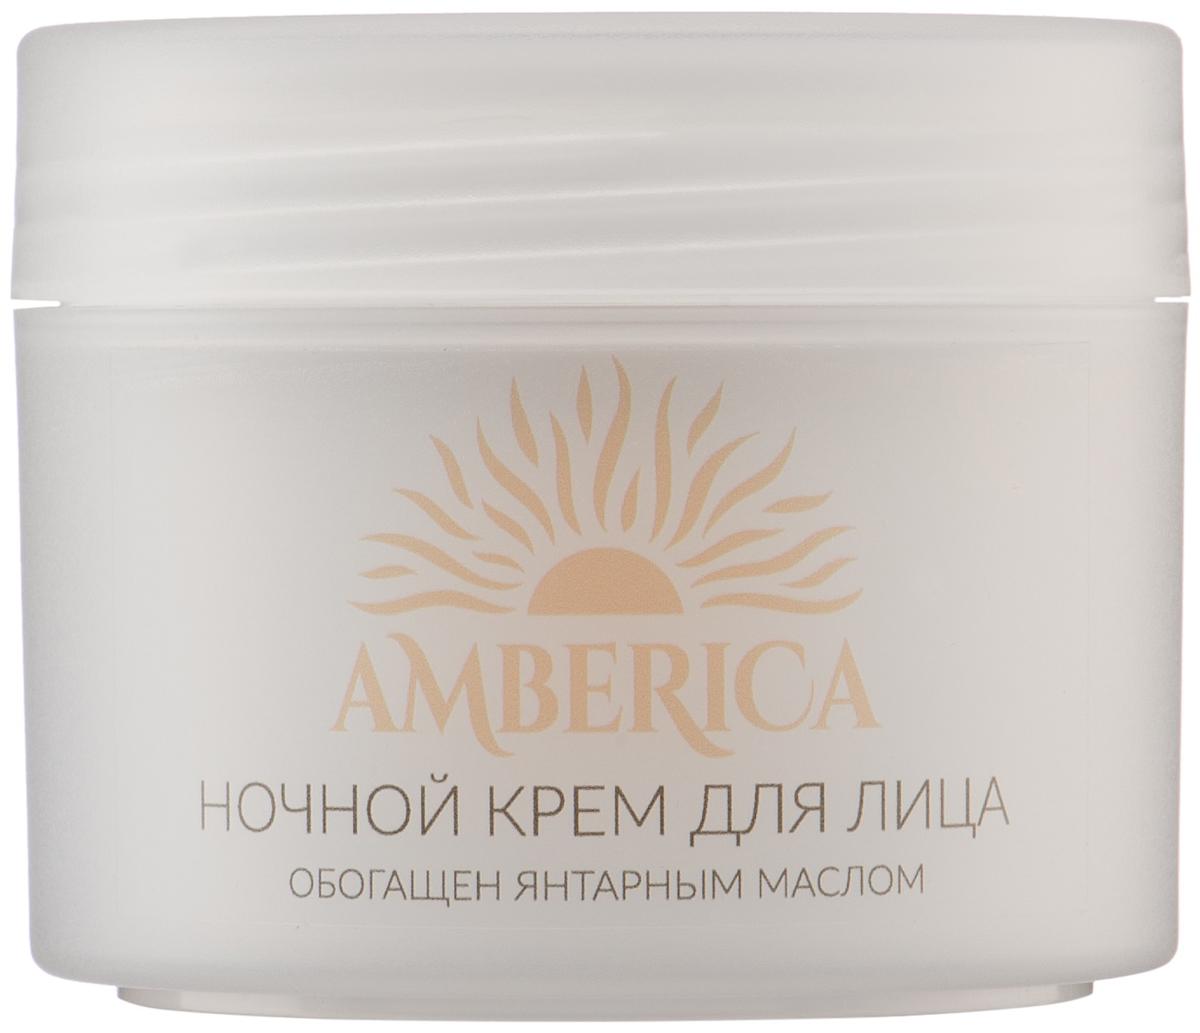 Ambercosmetics Крем ночной Amberica, 50 мл4627120600369Ночной крем для лица AMBERICA NIGHT CREAM. Свойства: эластичность и упругость кожи, увлажнение для чувствительной кожи, дополнительная защиту кожи от ультрафиолета и других неблагоприятных факторов окружающей среды, активно омолаживает, активизирует регенерацию клеток, восстанавливает баланс влаги в коже, повышает ее тонус, оказывает омолаживающее действие, увеличение синтеза коллагена в дерме, стимулирует процесс деления клеток эпидермиса, восстановление баланса влаги в коже, активизирует процесс клеточной десквамации, восстанавливает липидный баланс, нормализует работу сальных желез. Полный состав: вода, ПЭГ-сто стеарат, глицерил стеарат, цетеариловый спирт,, диметикон, октилдодеканол, коллаген тип второй, масло персиковой косточки, янтарное масло, масло ореха макадамиа, экстракт женьшеня, гидроксиэтил мочевина (Гидрованс), экстракт ламинарии (морские водоросли), витамин Е, триэтаноламин, карбопол, консервант без парабенов, динатрий ЭДТА, парфюмерная композиция.